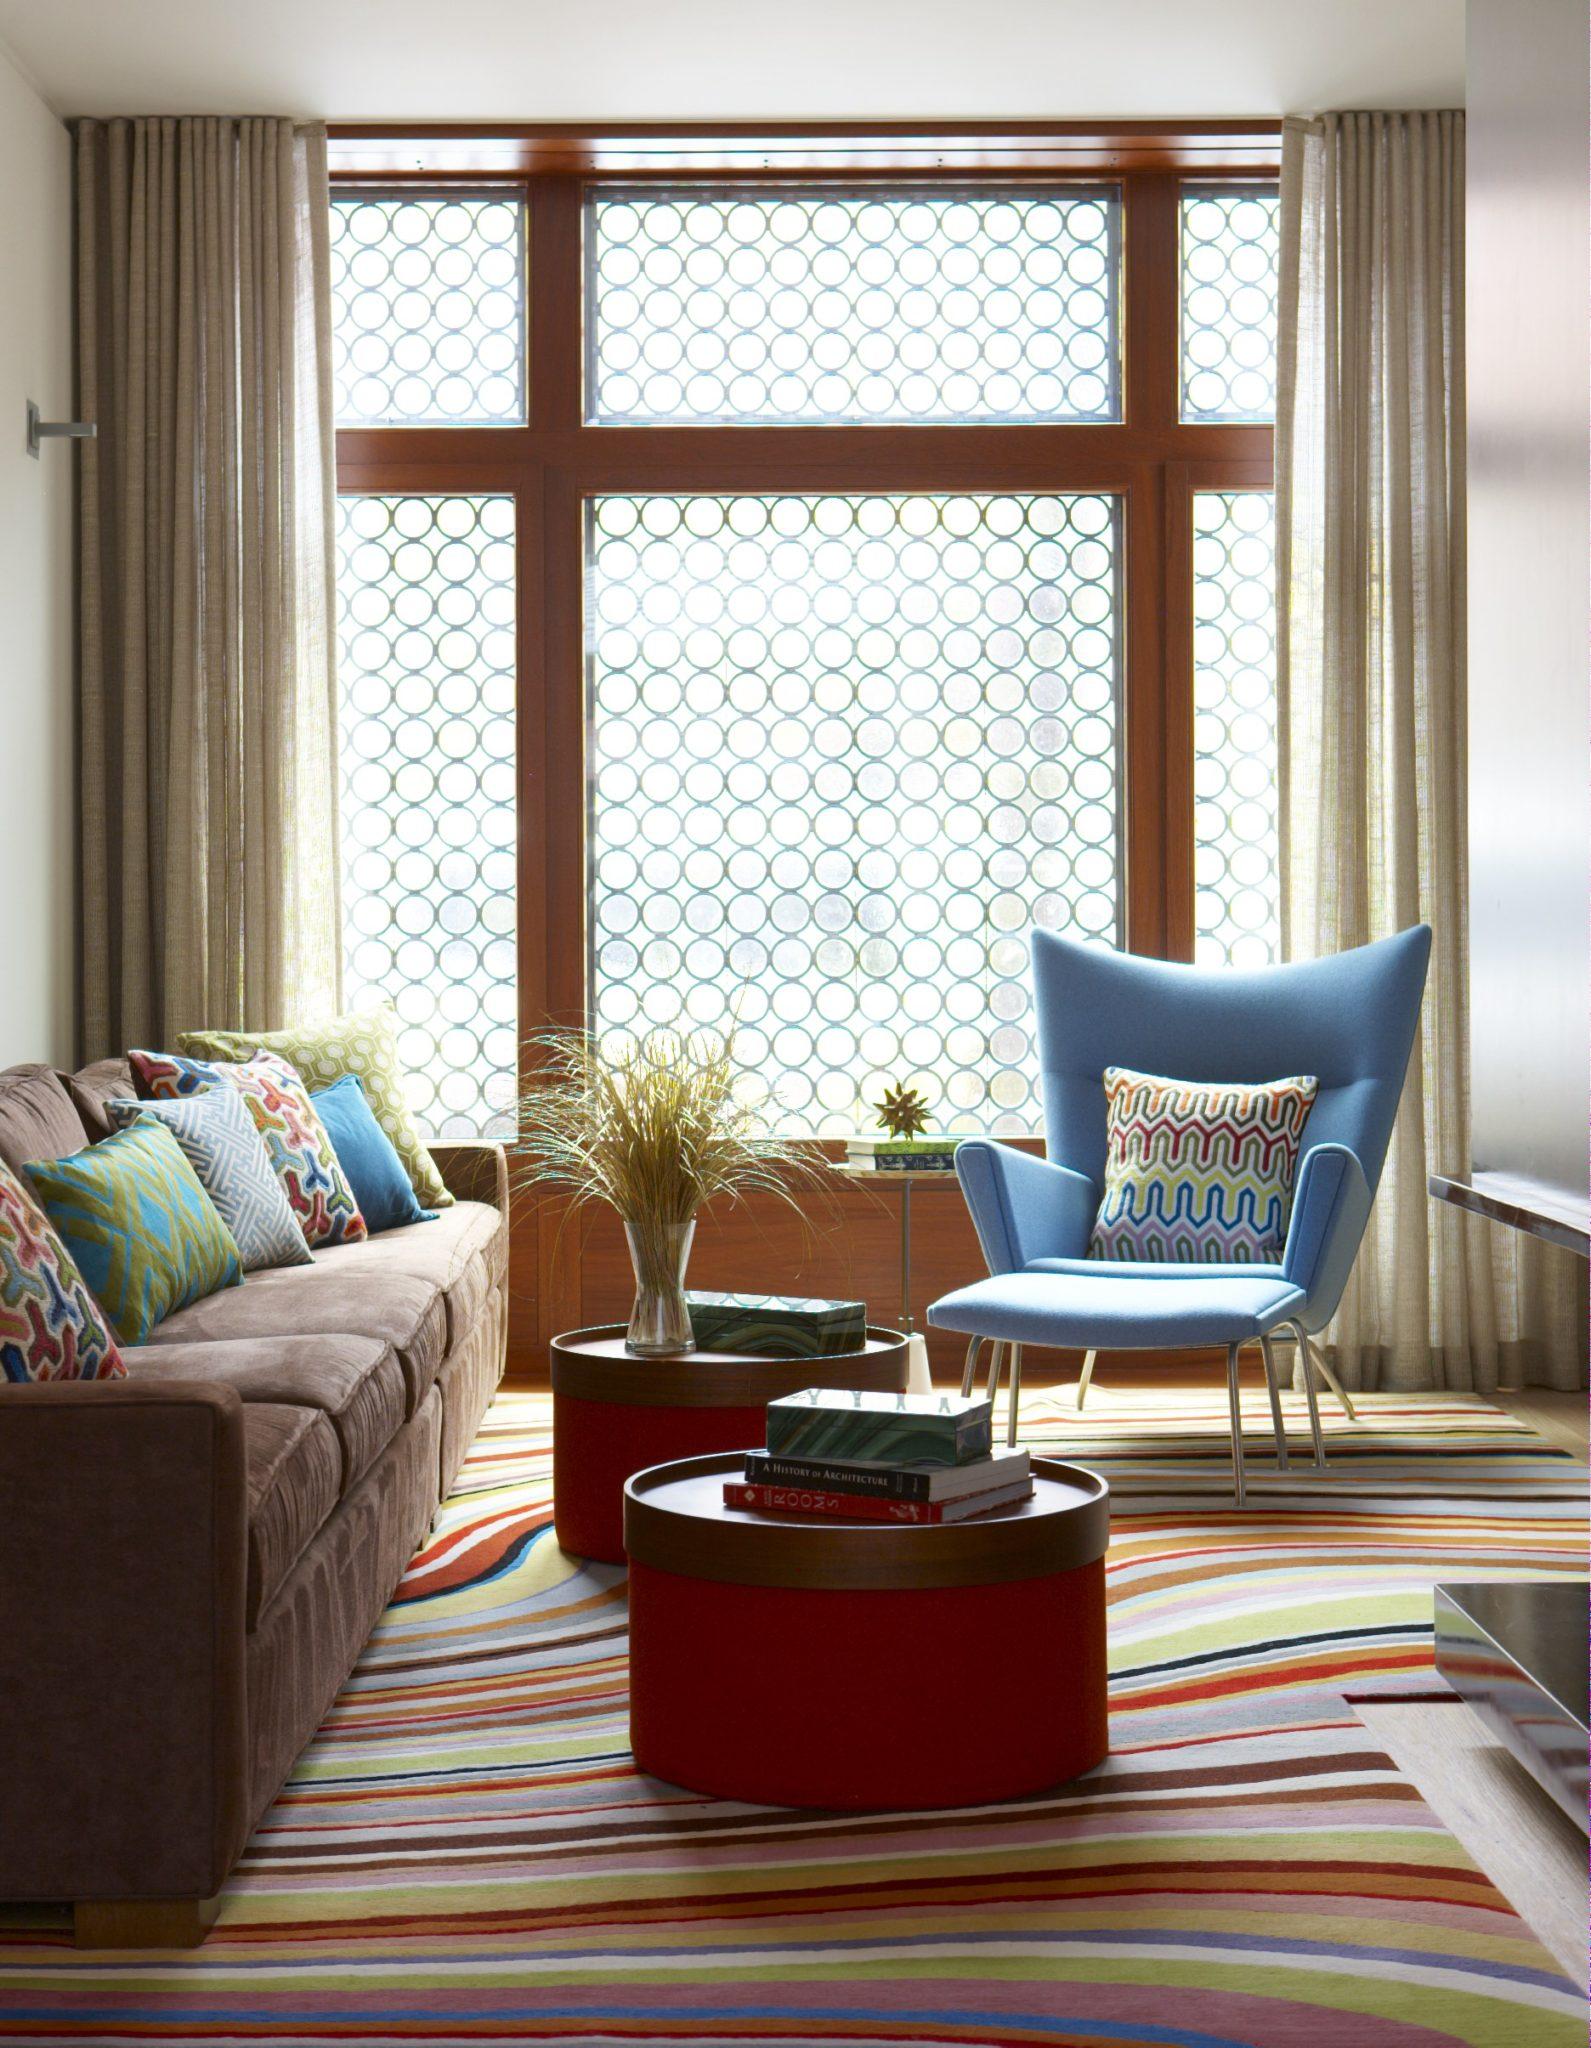 Cùng chiêm ngưỡng vẻ đẹp khó cưỡng của những căn phòng khách mang phong cách đương đại - Ảnh 6.